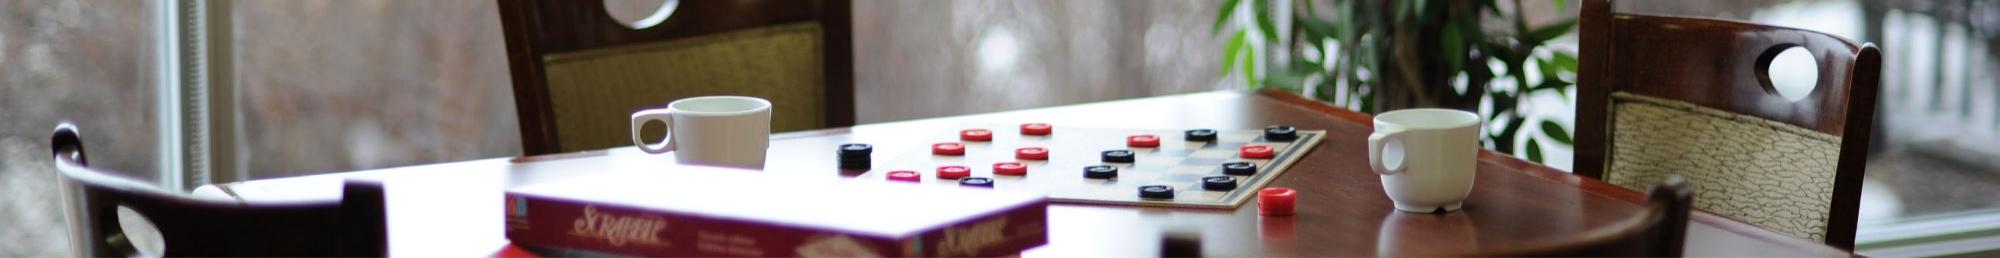 une table avec des jeux de sociétés